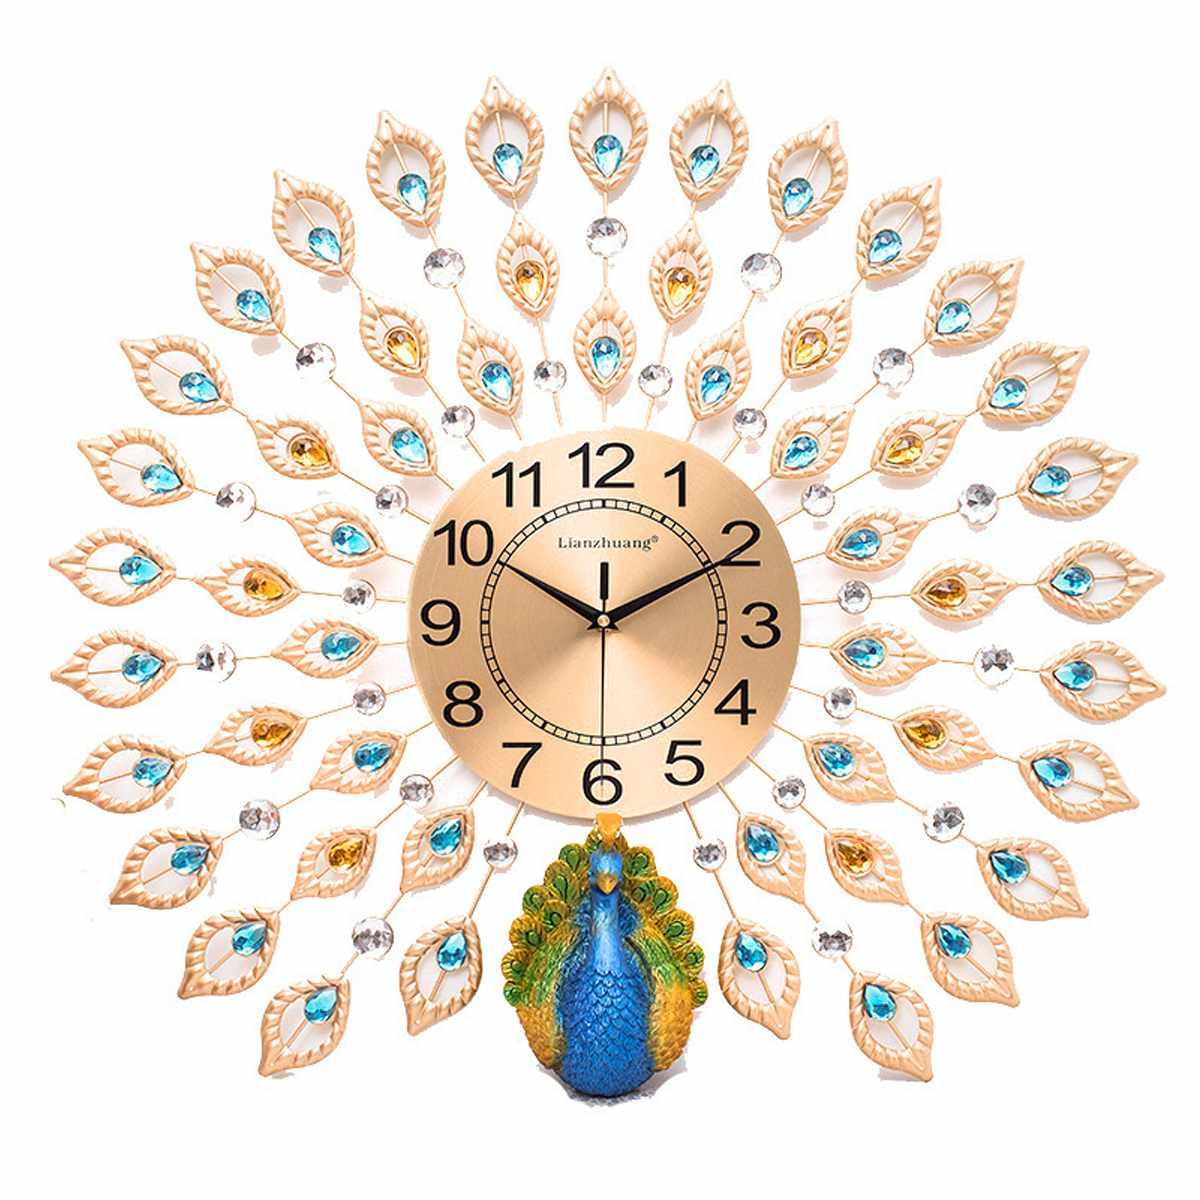 Grandes horloges murales 3D de luxe paon diamant cristal Quartz horloges murales pour la maison salon décor chambre silencieux horloge mur cadeau